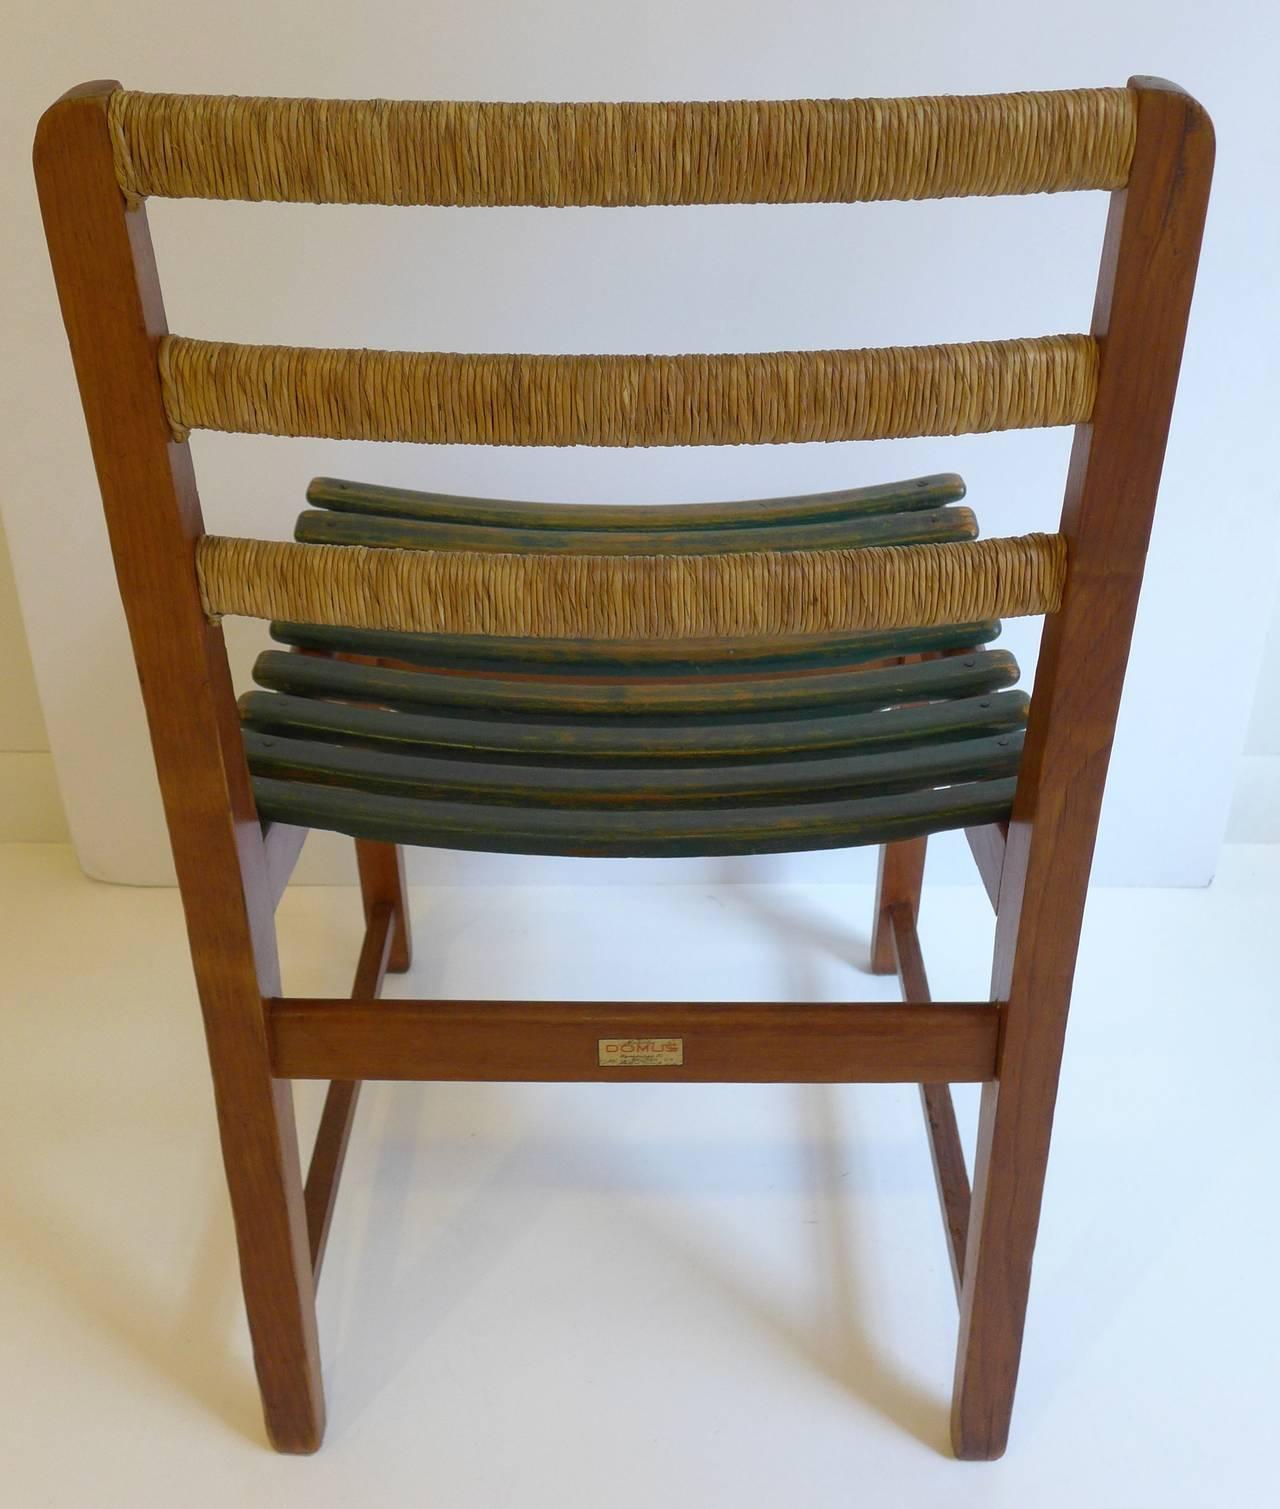 Pine Michael Van Beuren Chair for Domus For Sale